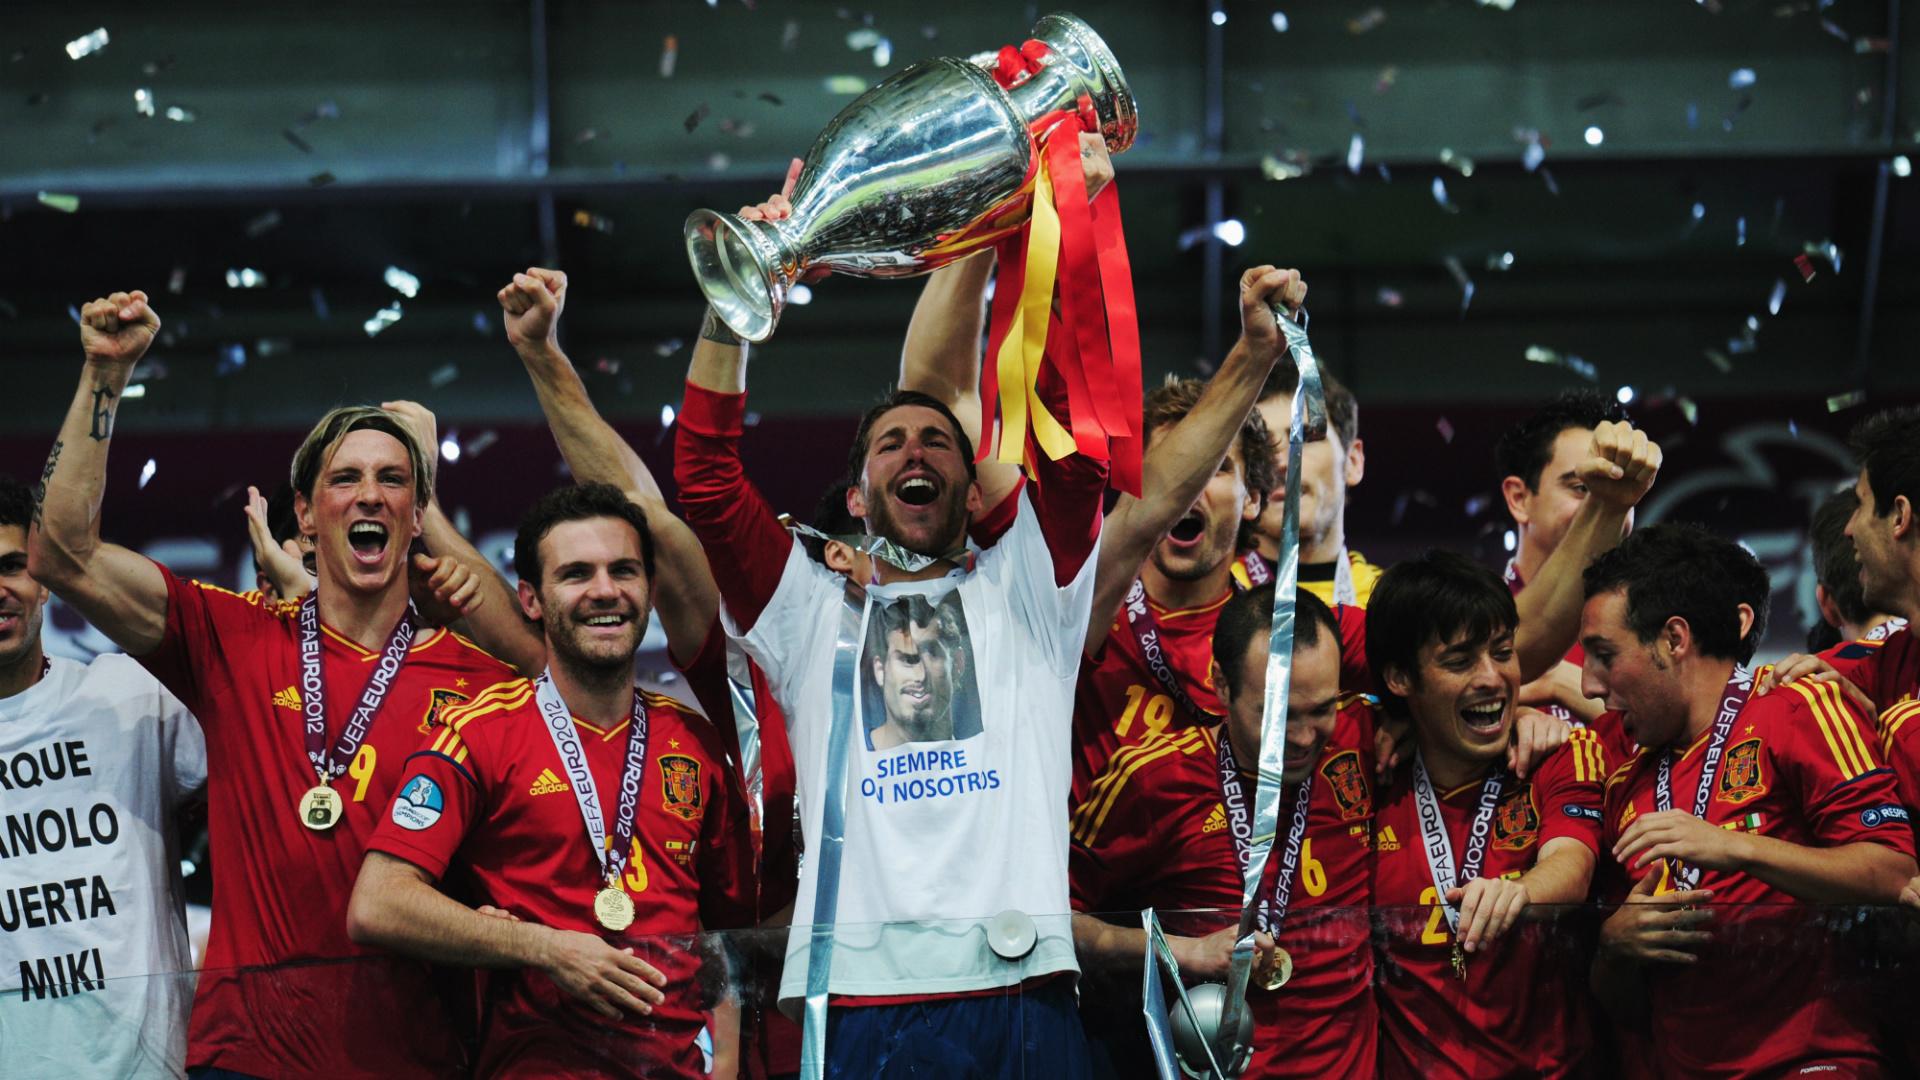 Spain Sergio Ramos Euro 2012